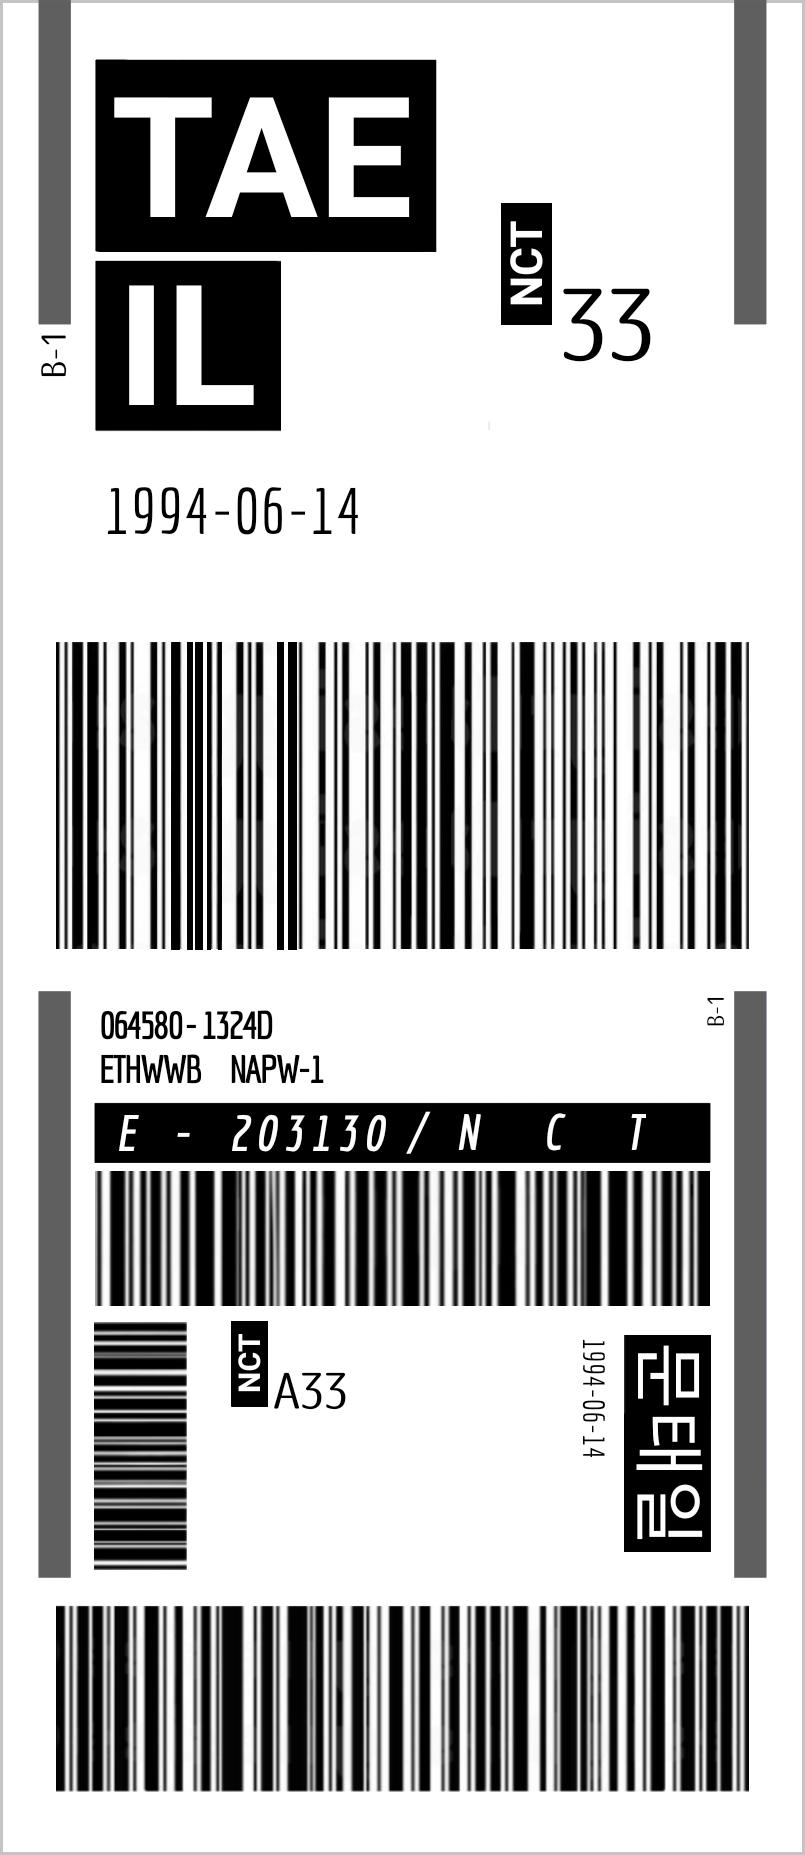 Nct Taeil Ticket